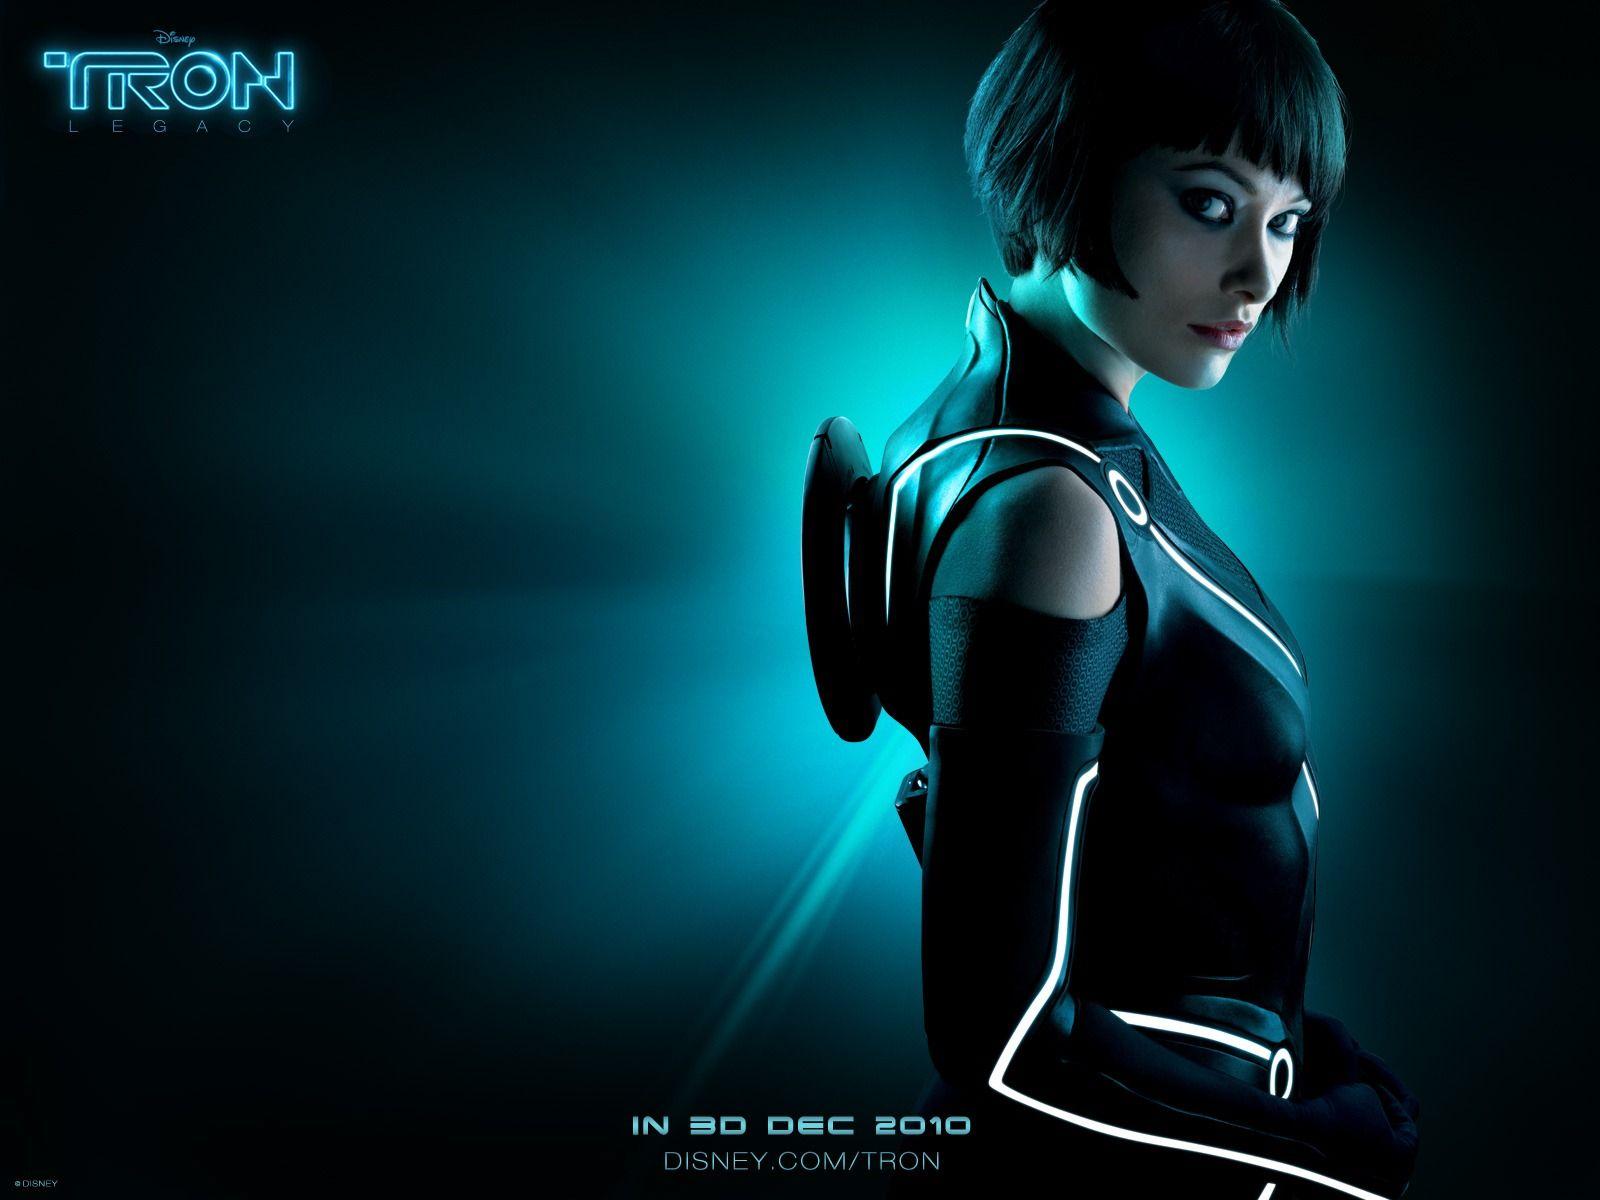 Tron Legacy Poster Hd